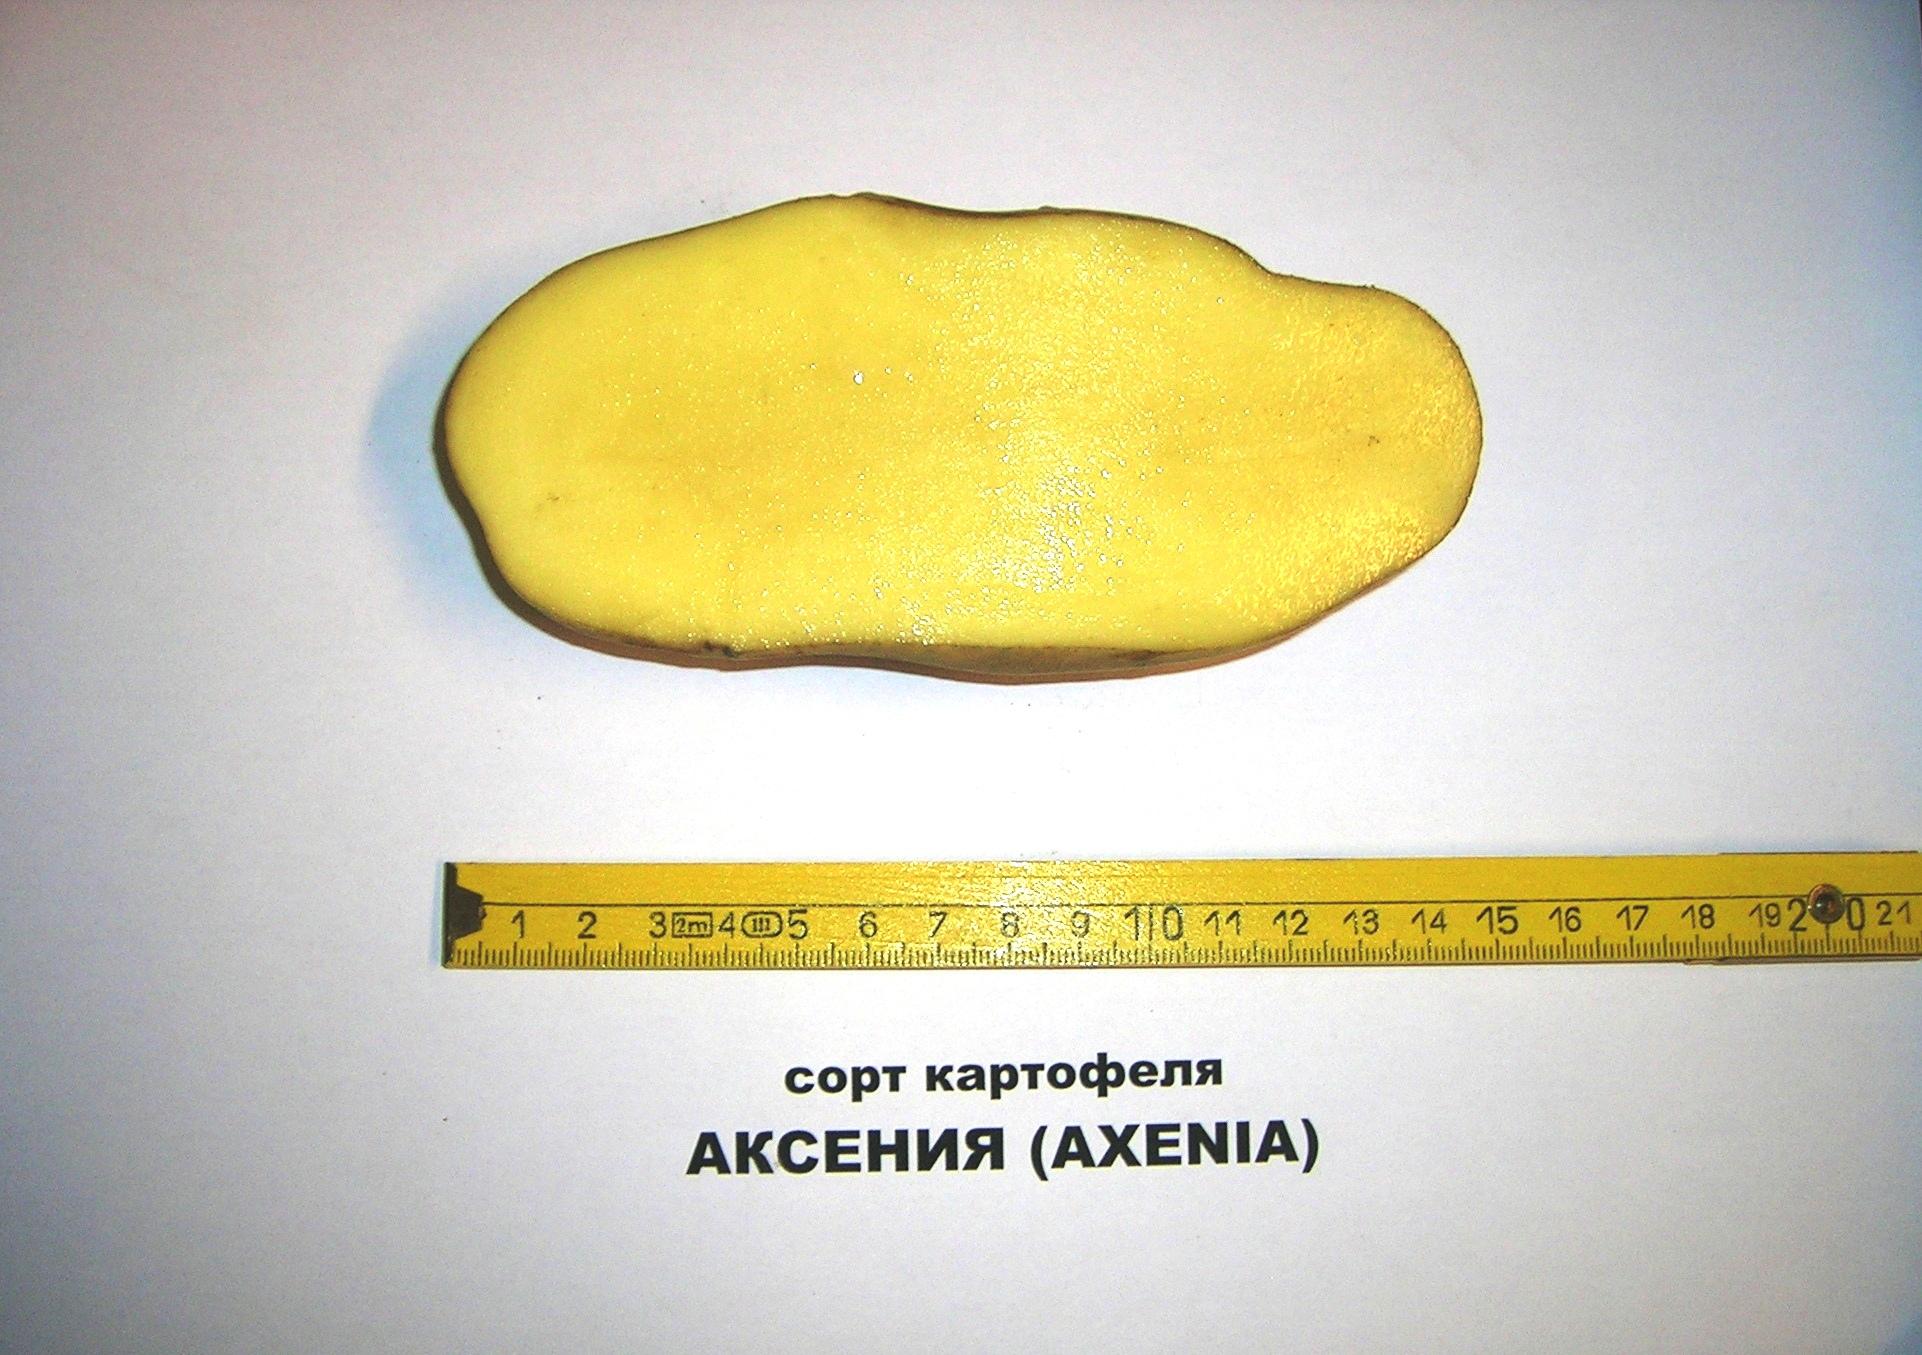 Axenia 1